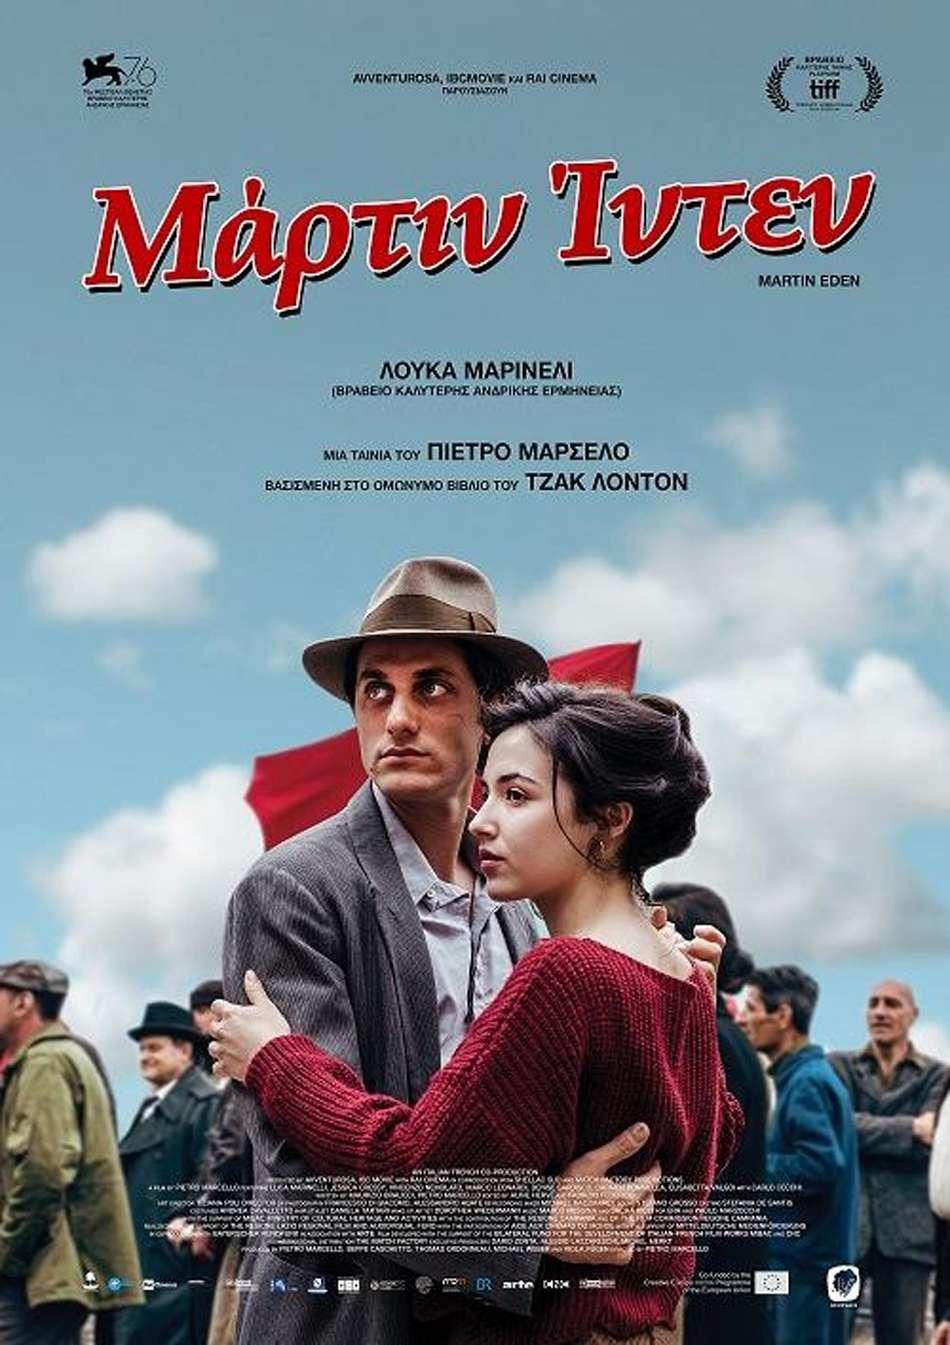 Μάρτιν Ίντεν (Martin Eden) Poster Πόστερ